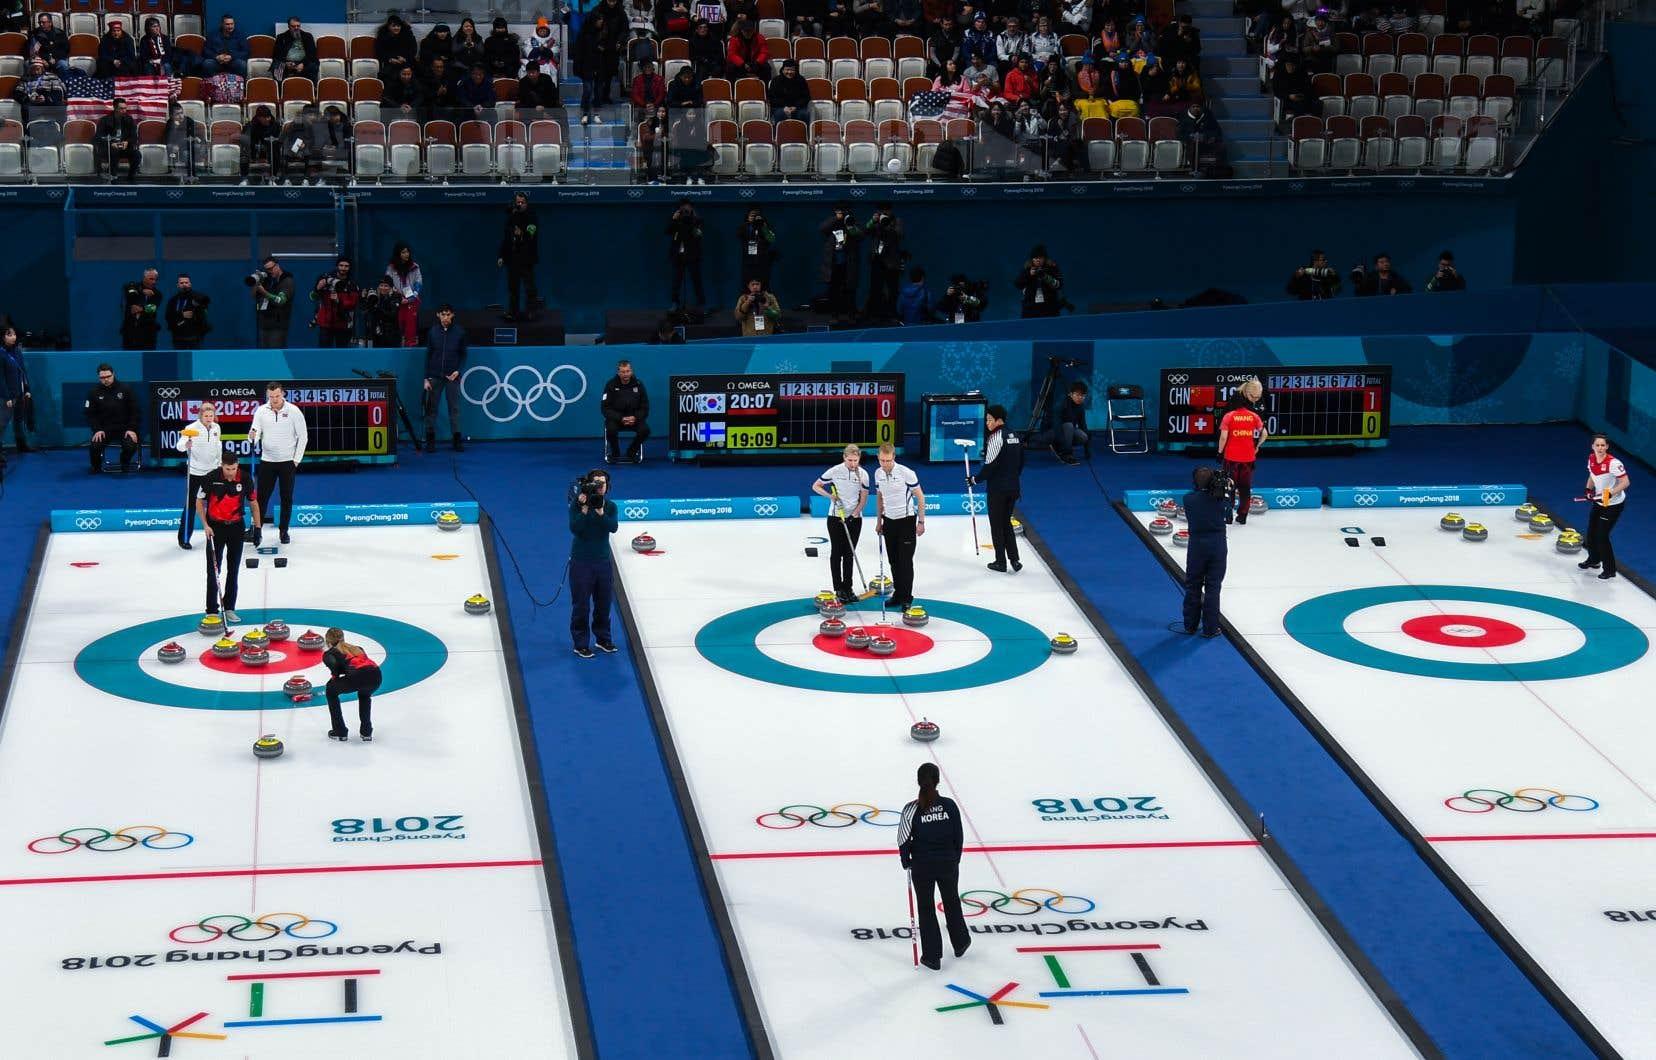 Les coups d'envoi de quatre rencontres de curling double mixte ont été donnés jeudi matin au Centre de curling de Gangneung, la ville côtière qui accueille les épreuves de glace des Jeux.